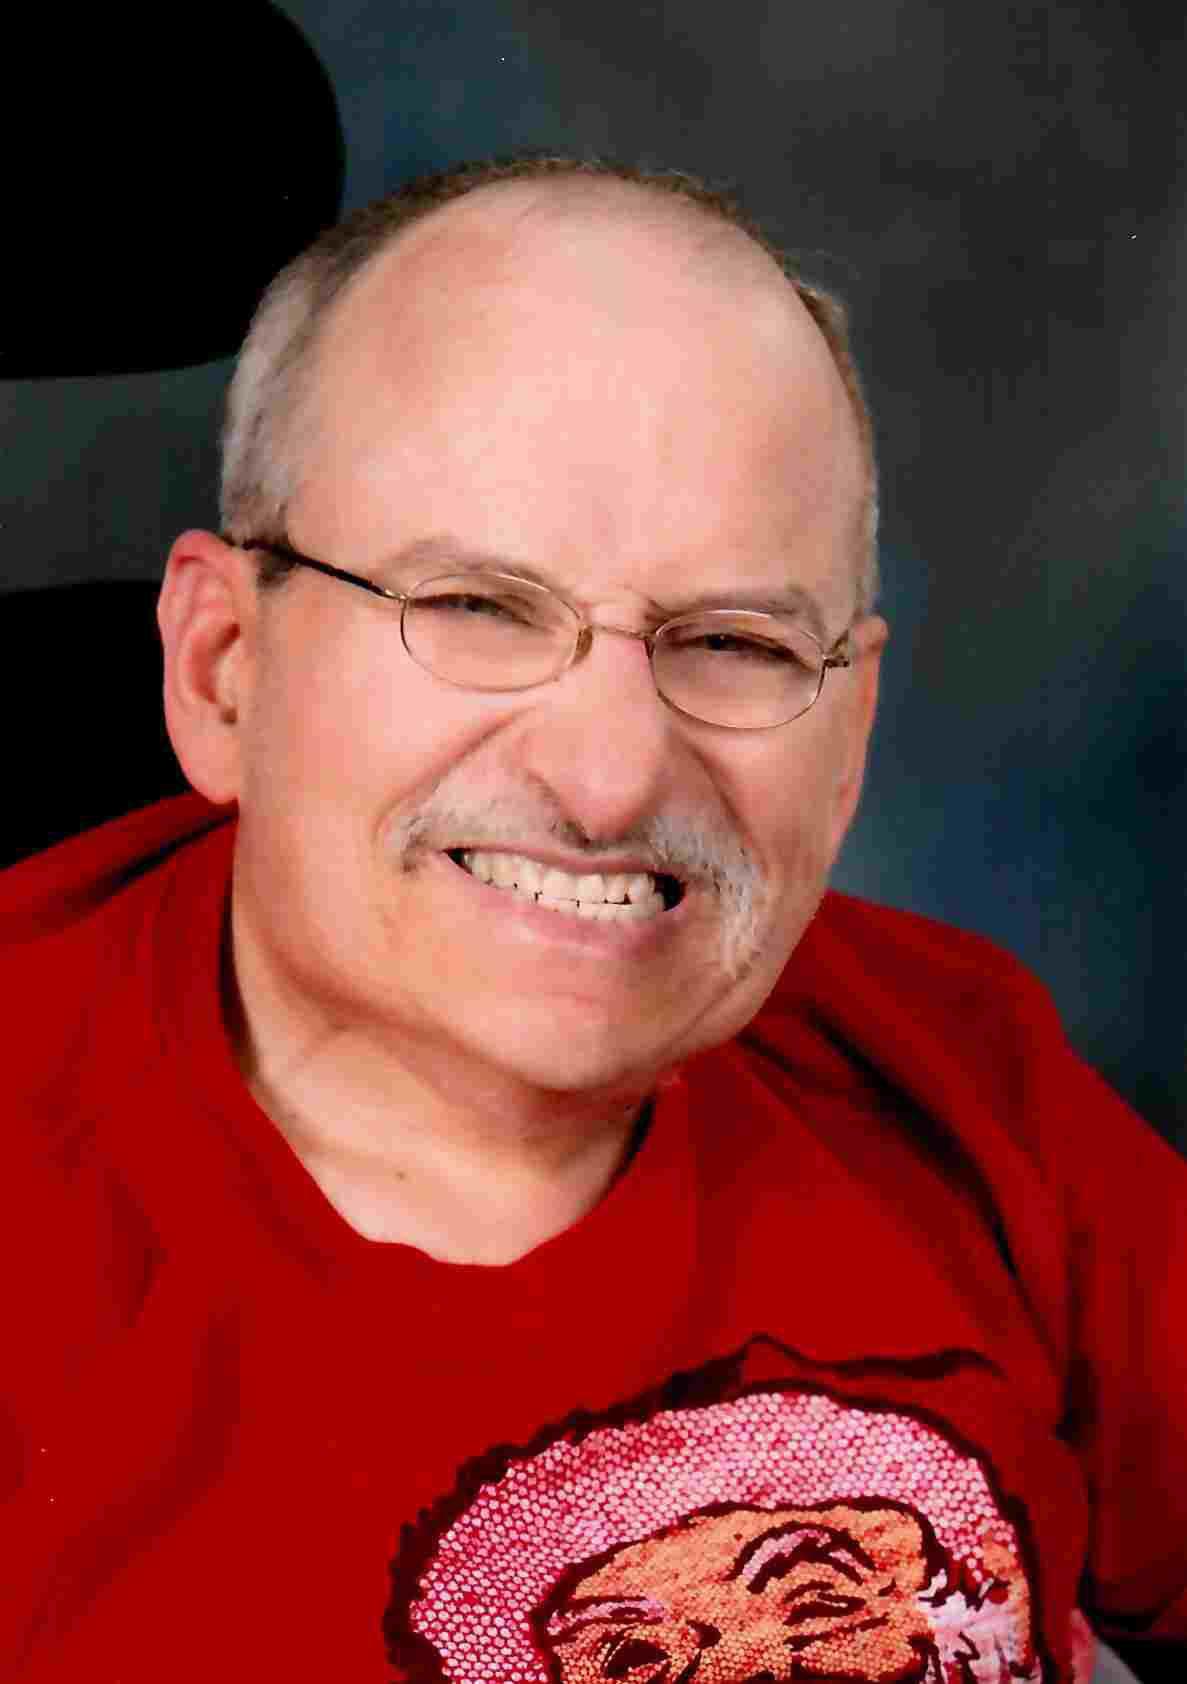 Mark L. Odum